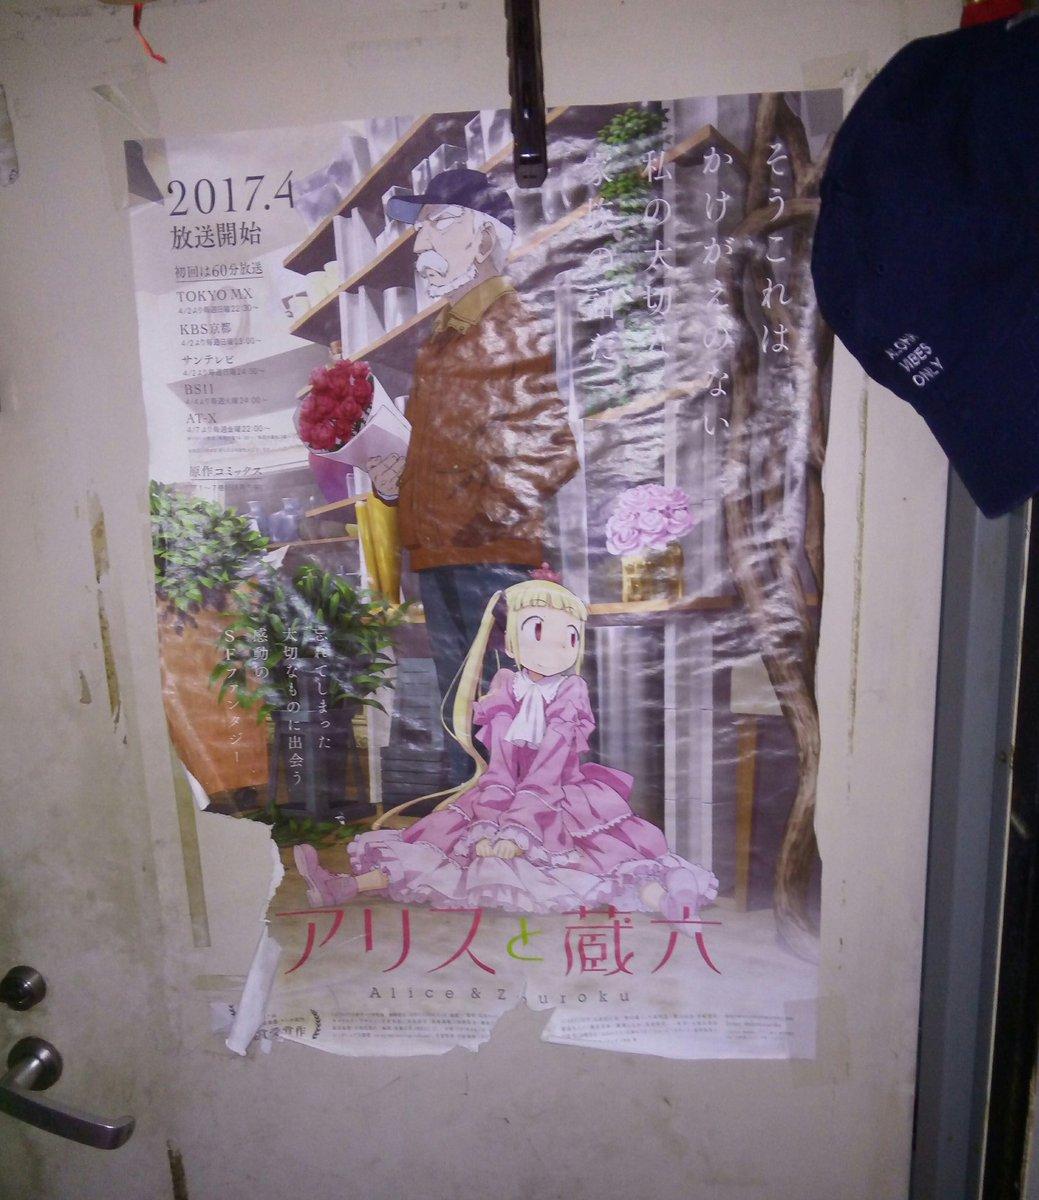 小人数だと、離れに案内されるけど扉の裏にポスター貼ってある。 #アリスと蔵六